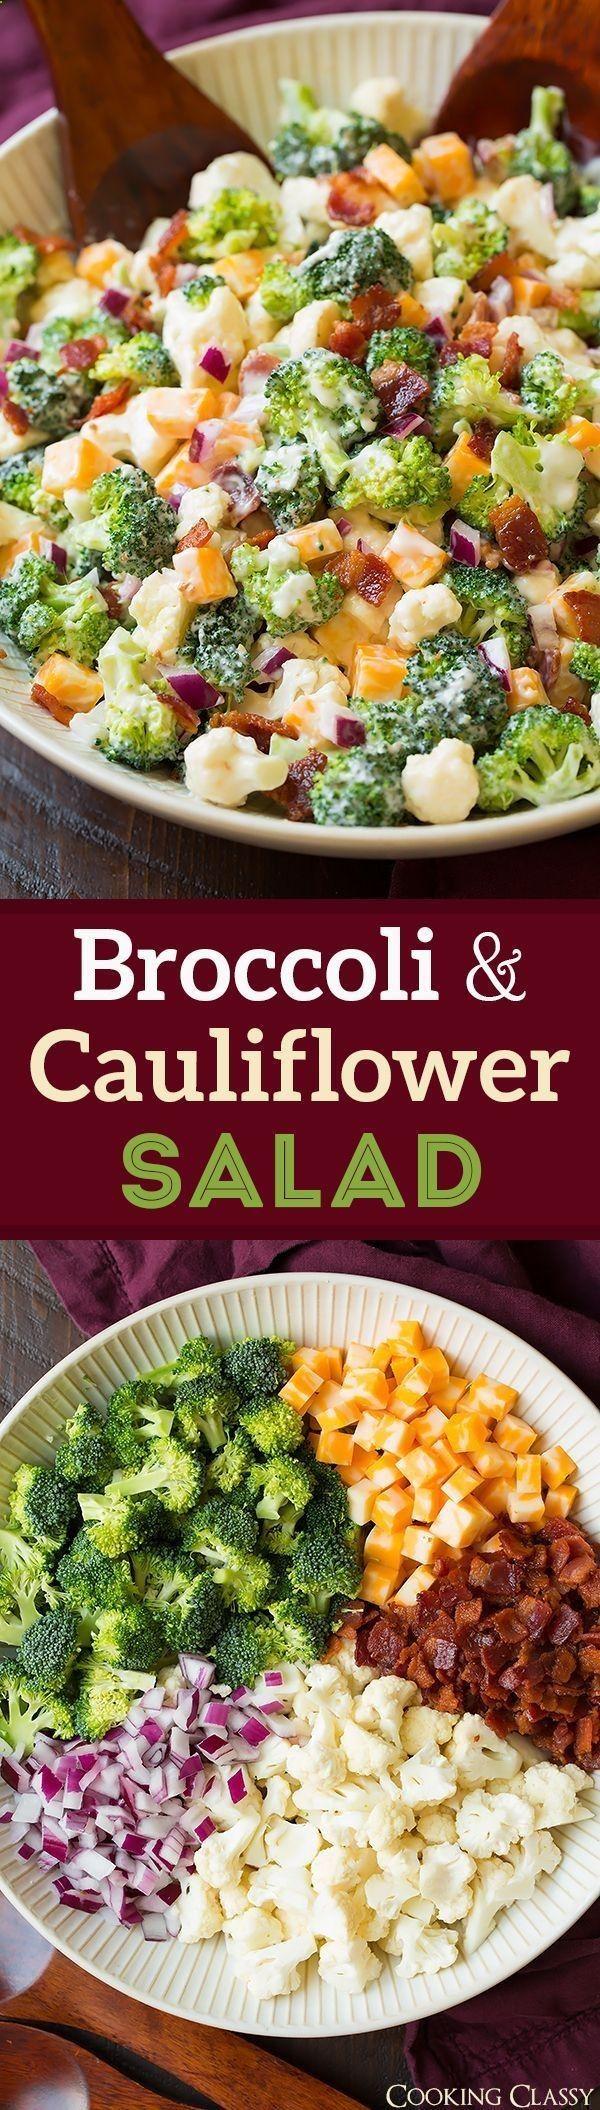 Factor Quema Grasa - Broccoli and Cauliflower Salad - the best use for raw broccoli!! Such a good salad! Now even my kids will eat broccoli! - Una estrategia de pérdida de peso algo inusual que te va a ayudar a obtener un vientre plano en menos de 7 días mientras sigues disfrutando de tu comida favorita